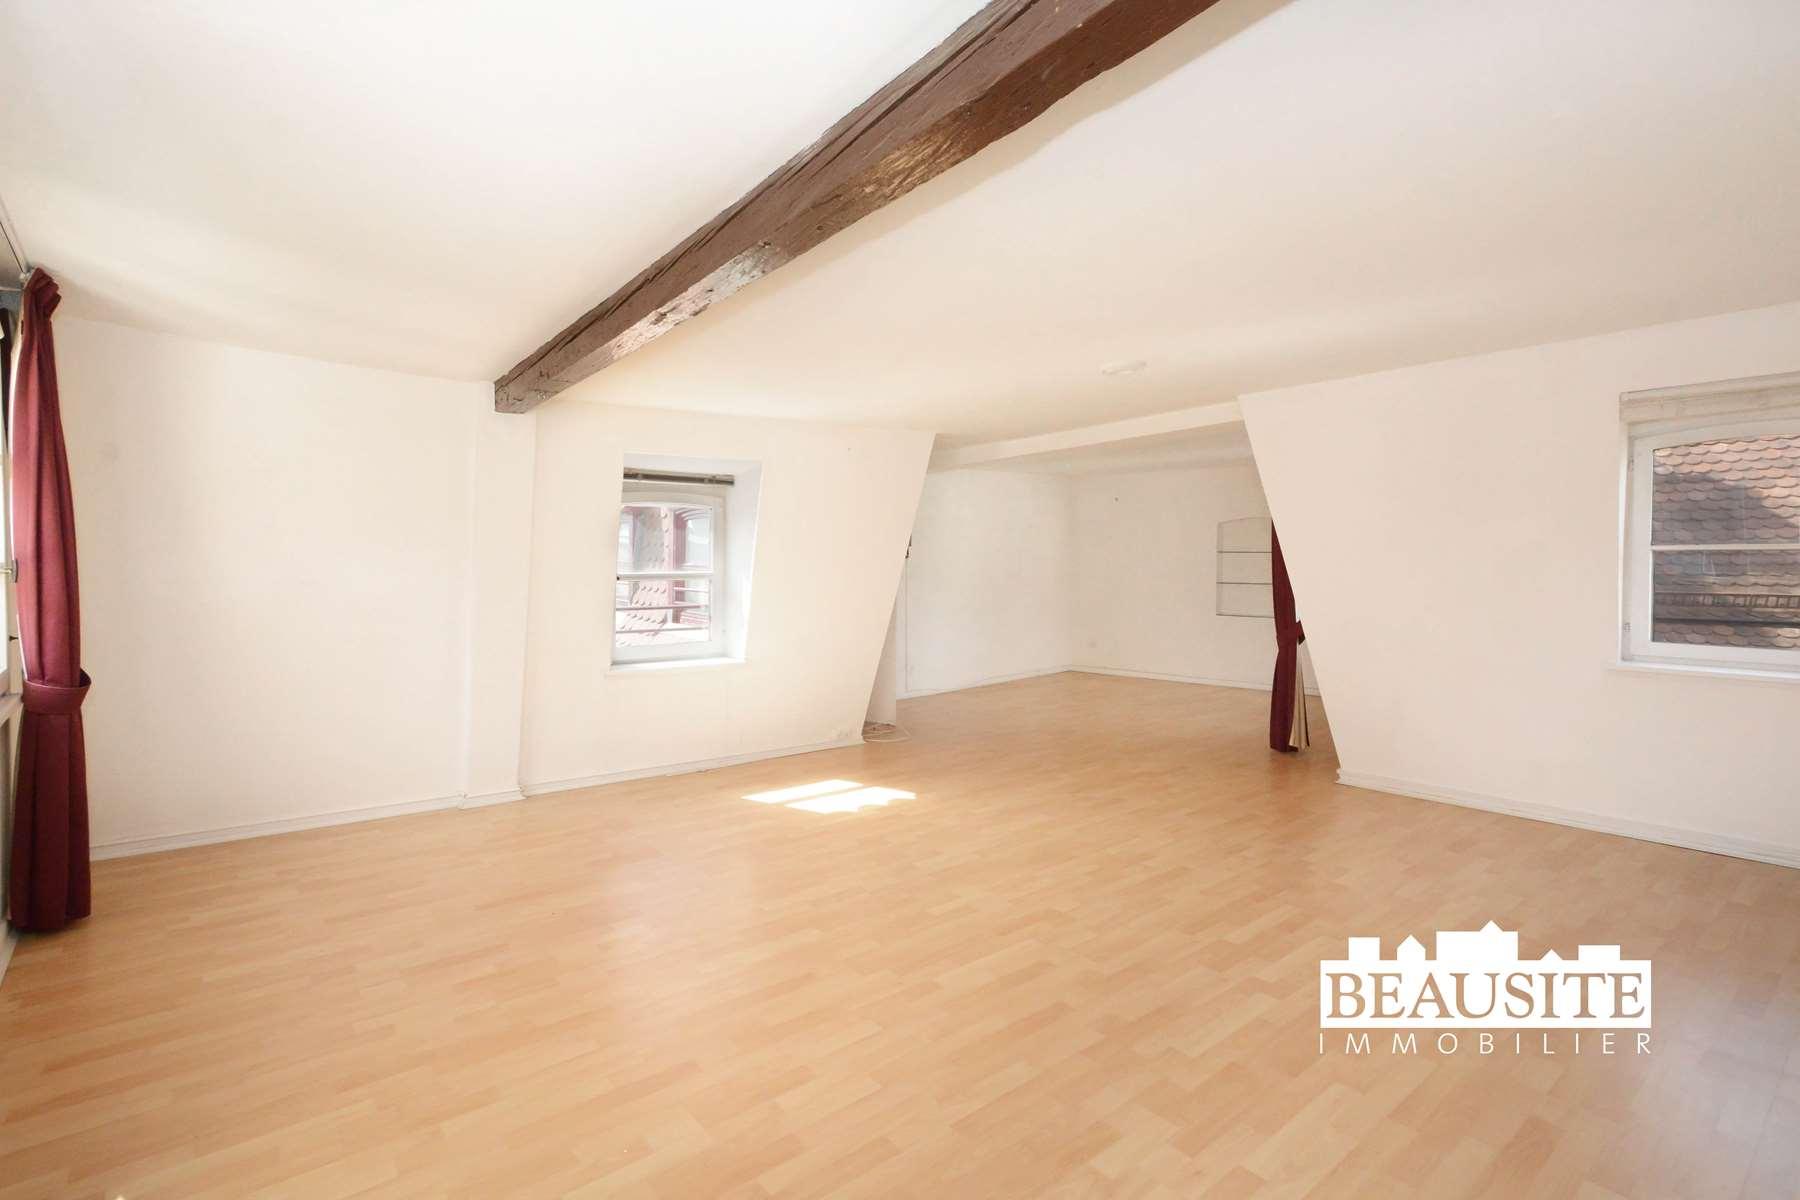 [Gold] Un appartement lumineux avec vue sur la Cathédrale - Strasbourg Centre - nos ventes - Beausite Immobilier 2